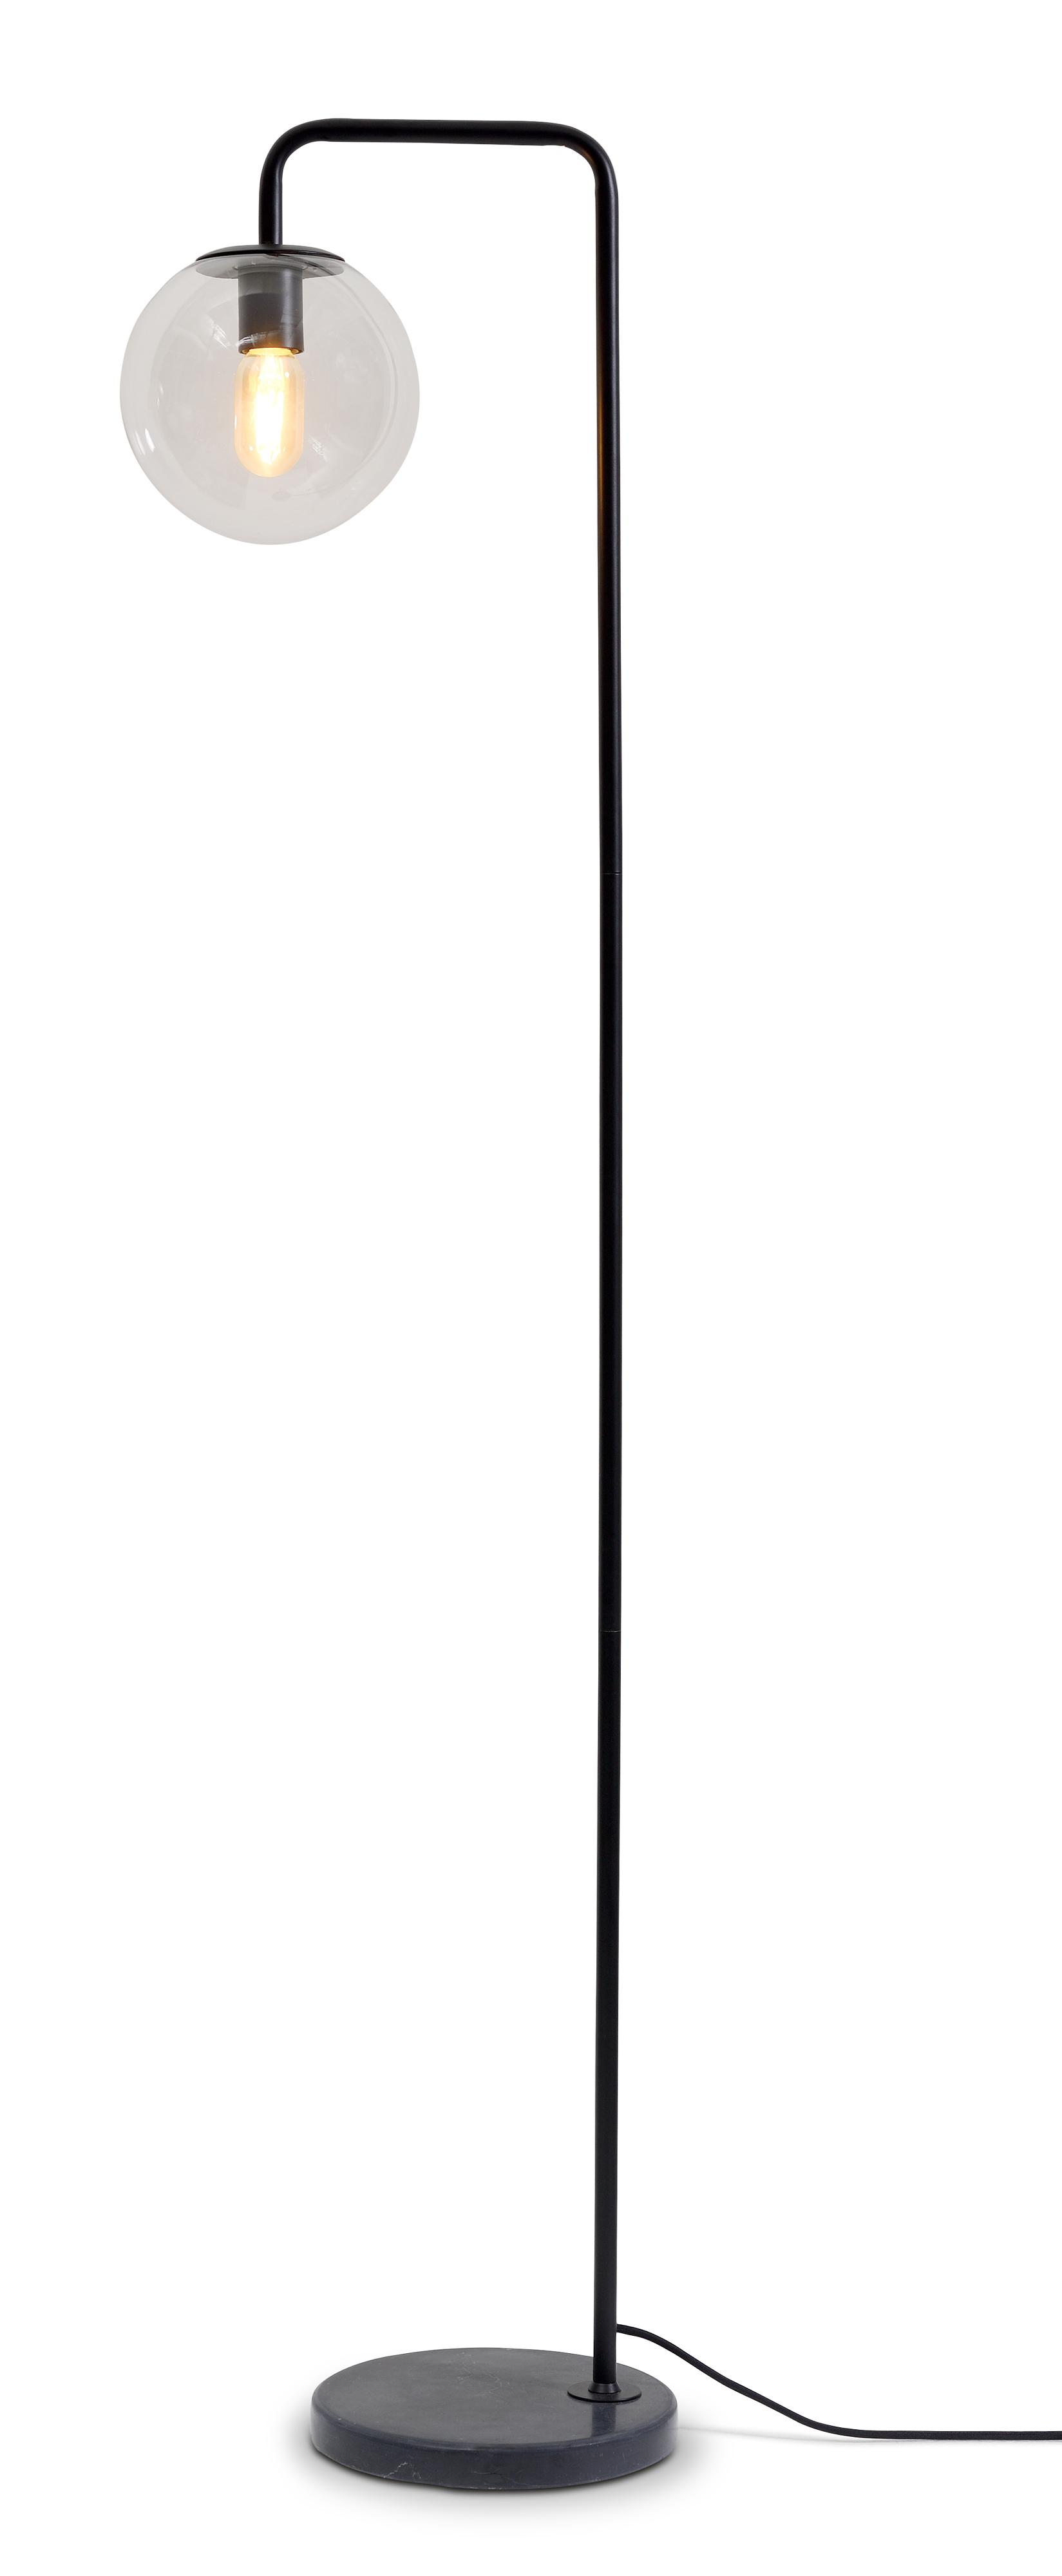 Lampadaire noir H156cm